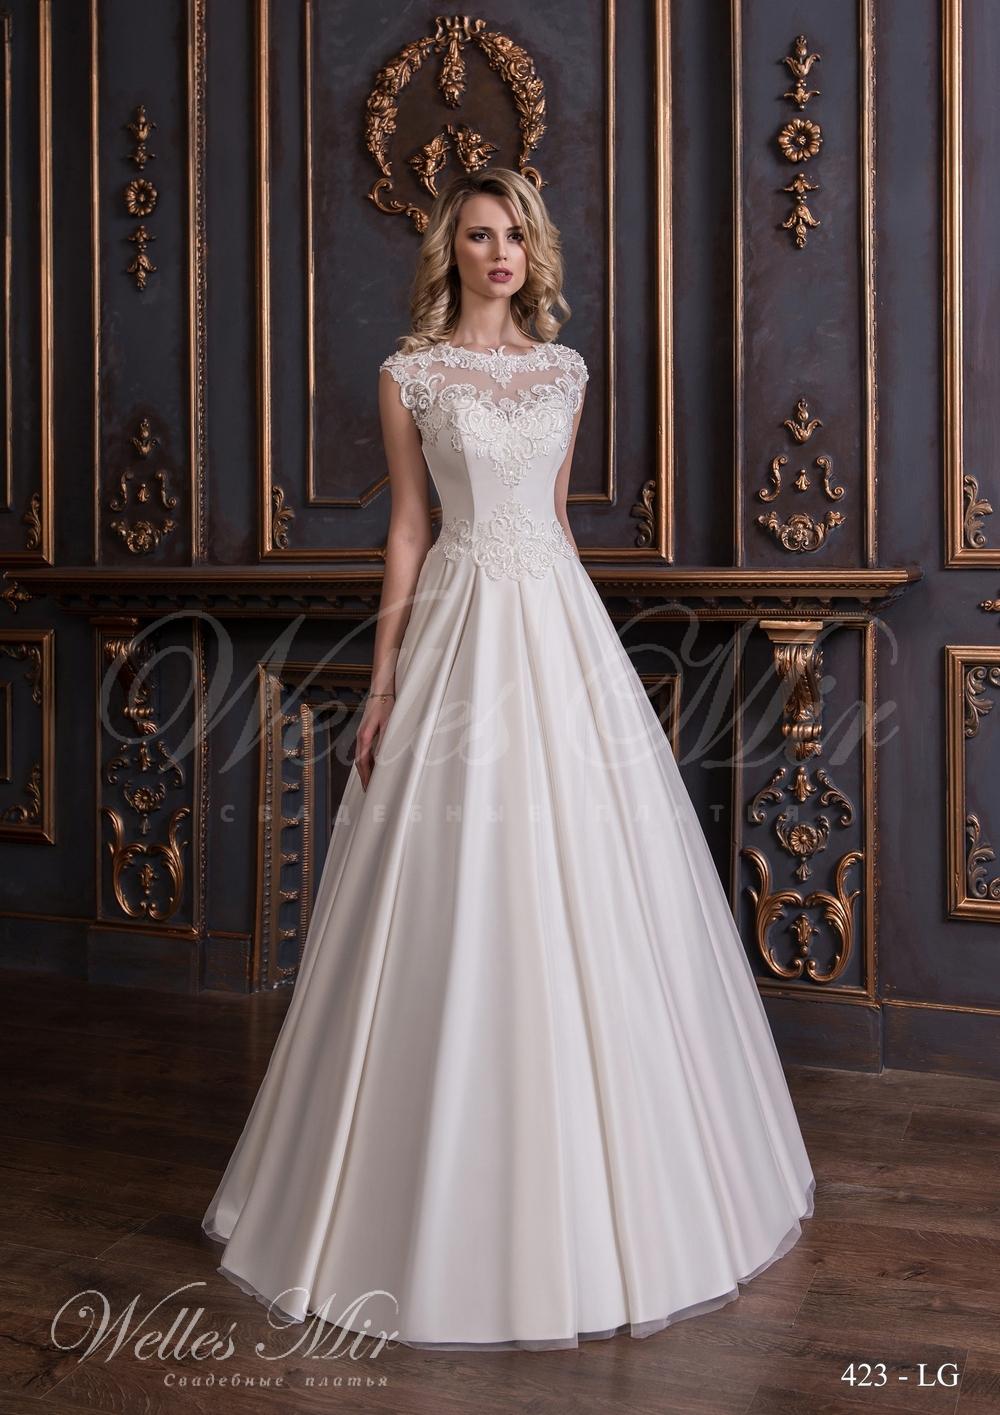 Свадебное платье с аппликациями на корсете